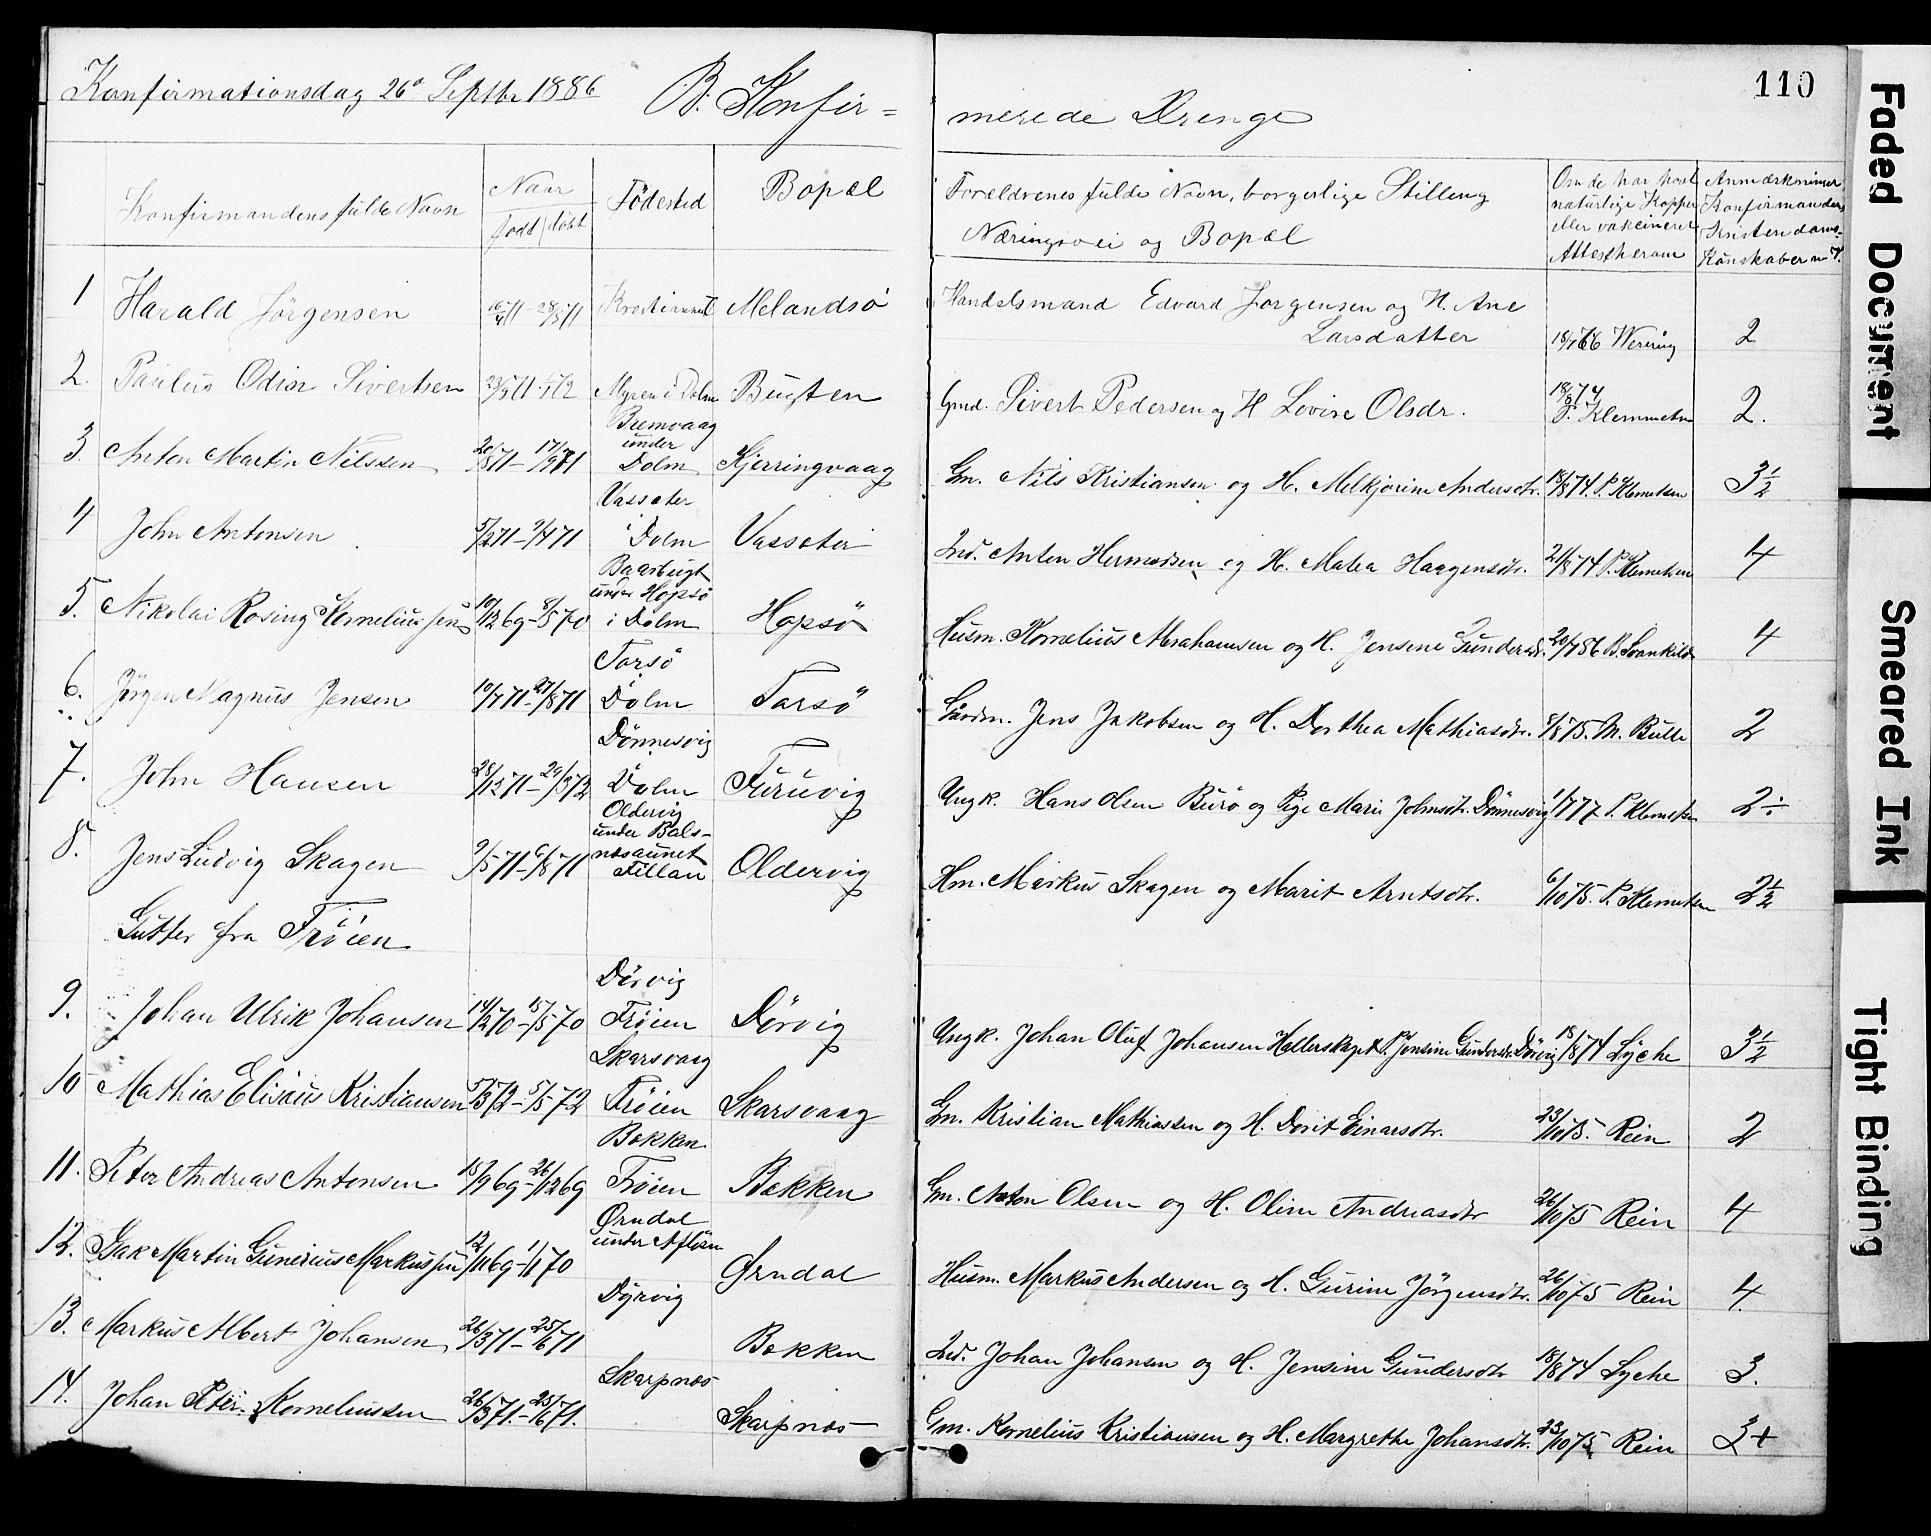 SAT, Ministerialprotokoller, klokkerbøker og fødselsregistre - Sør-Trøndelag, 634/L0541: Klokkerbok nr. 634C03, 1874-1891, s. 110